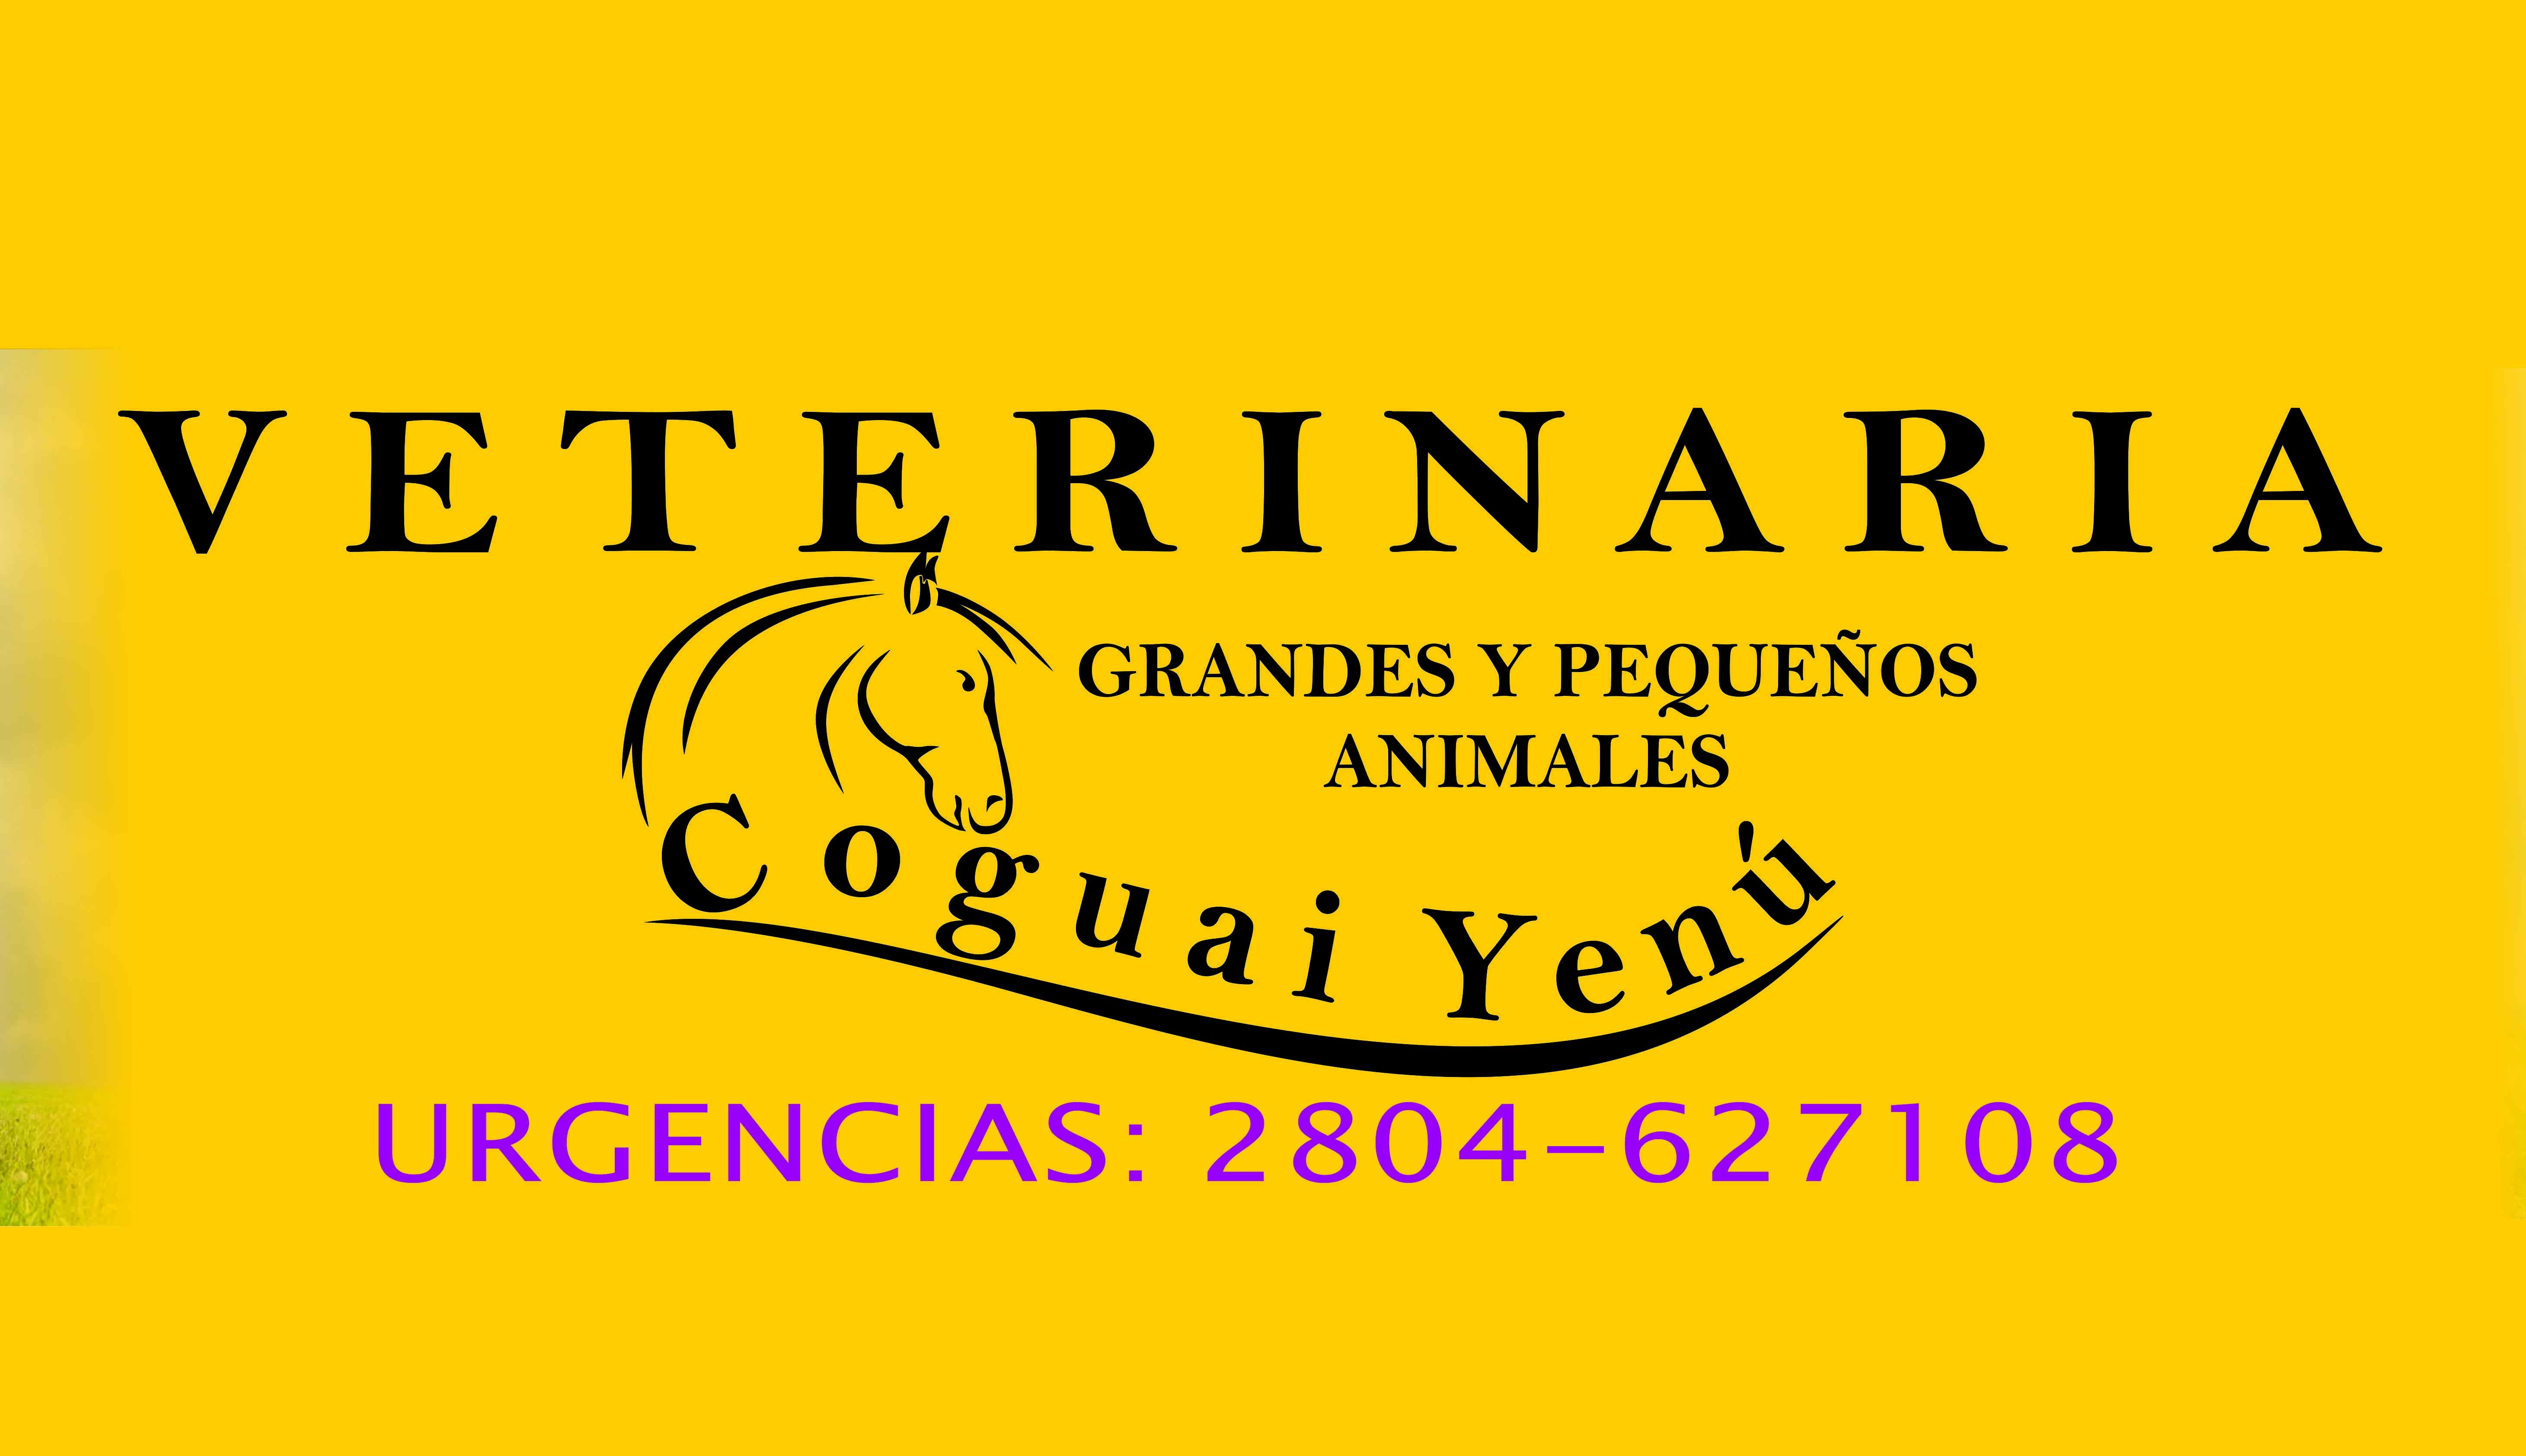 Veterinaria Coguay Yenú